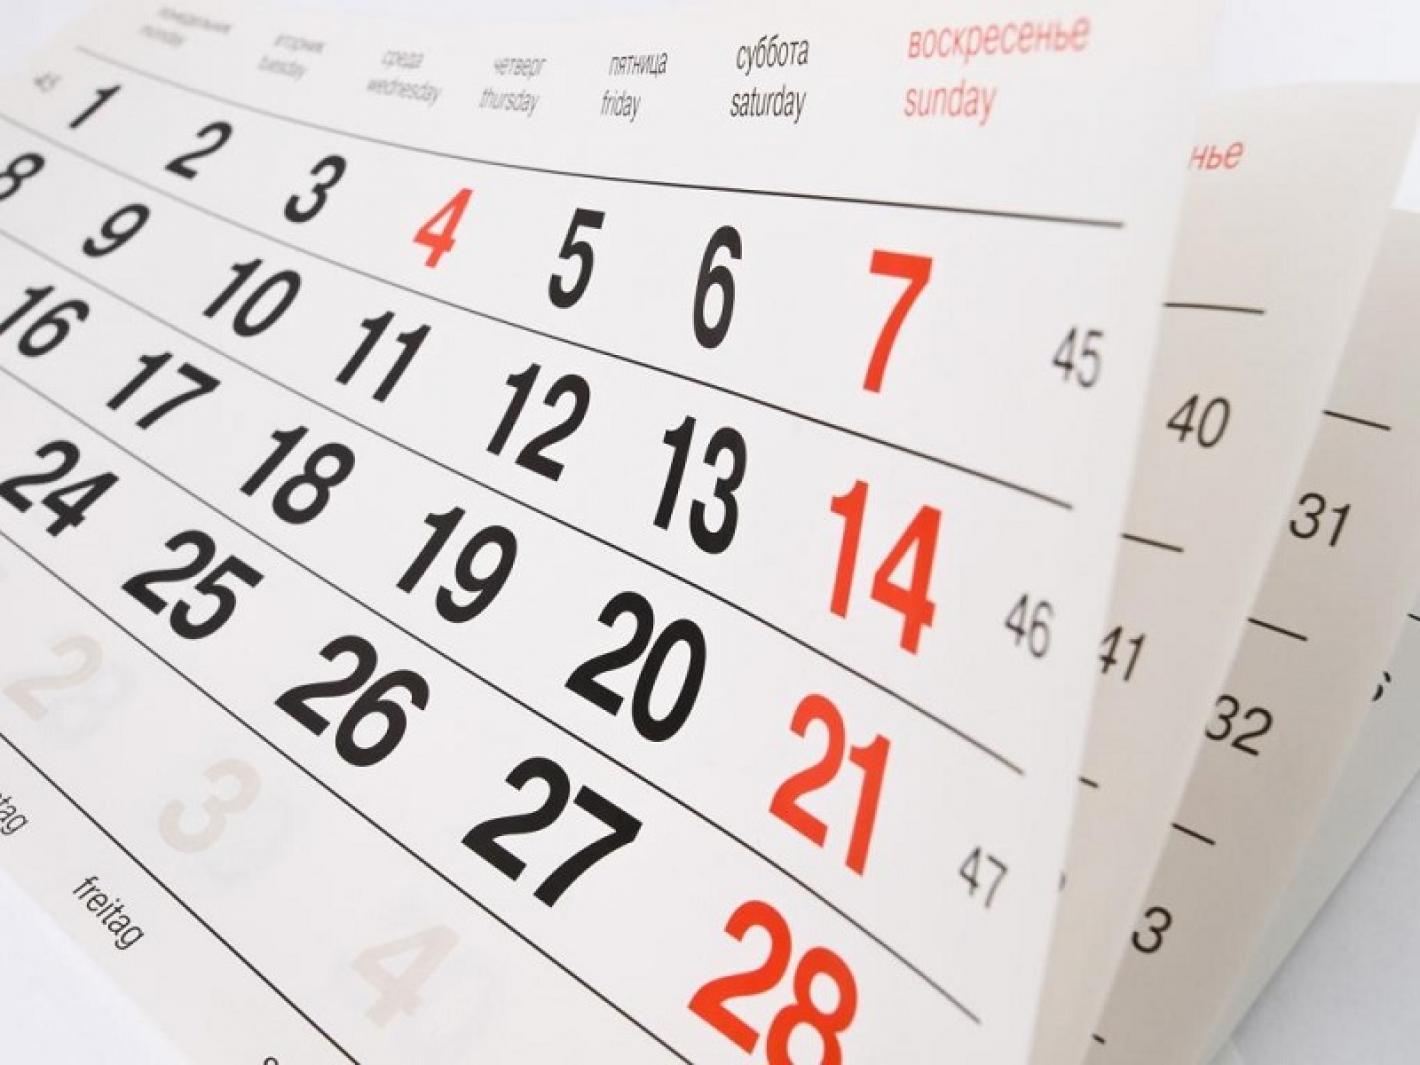 Fise Calendario Salto Ostacoli.Federazione Italiana Sport Equestri Cr Emilia Romagna